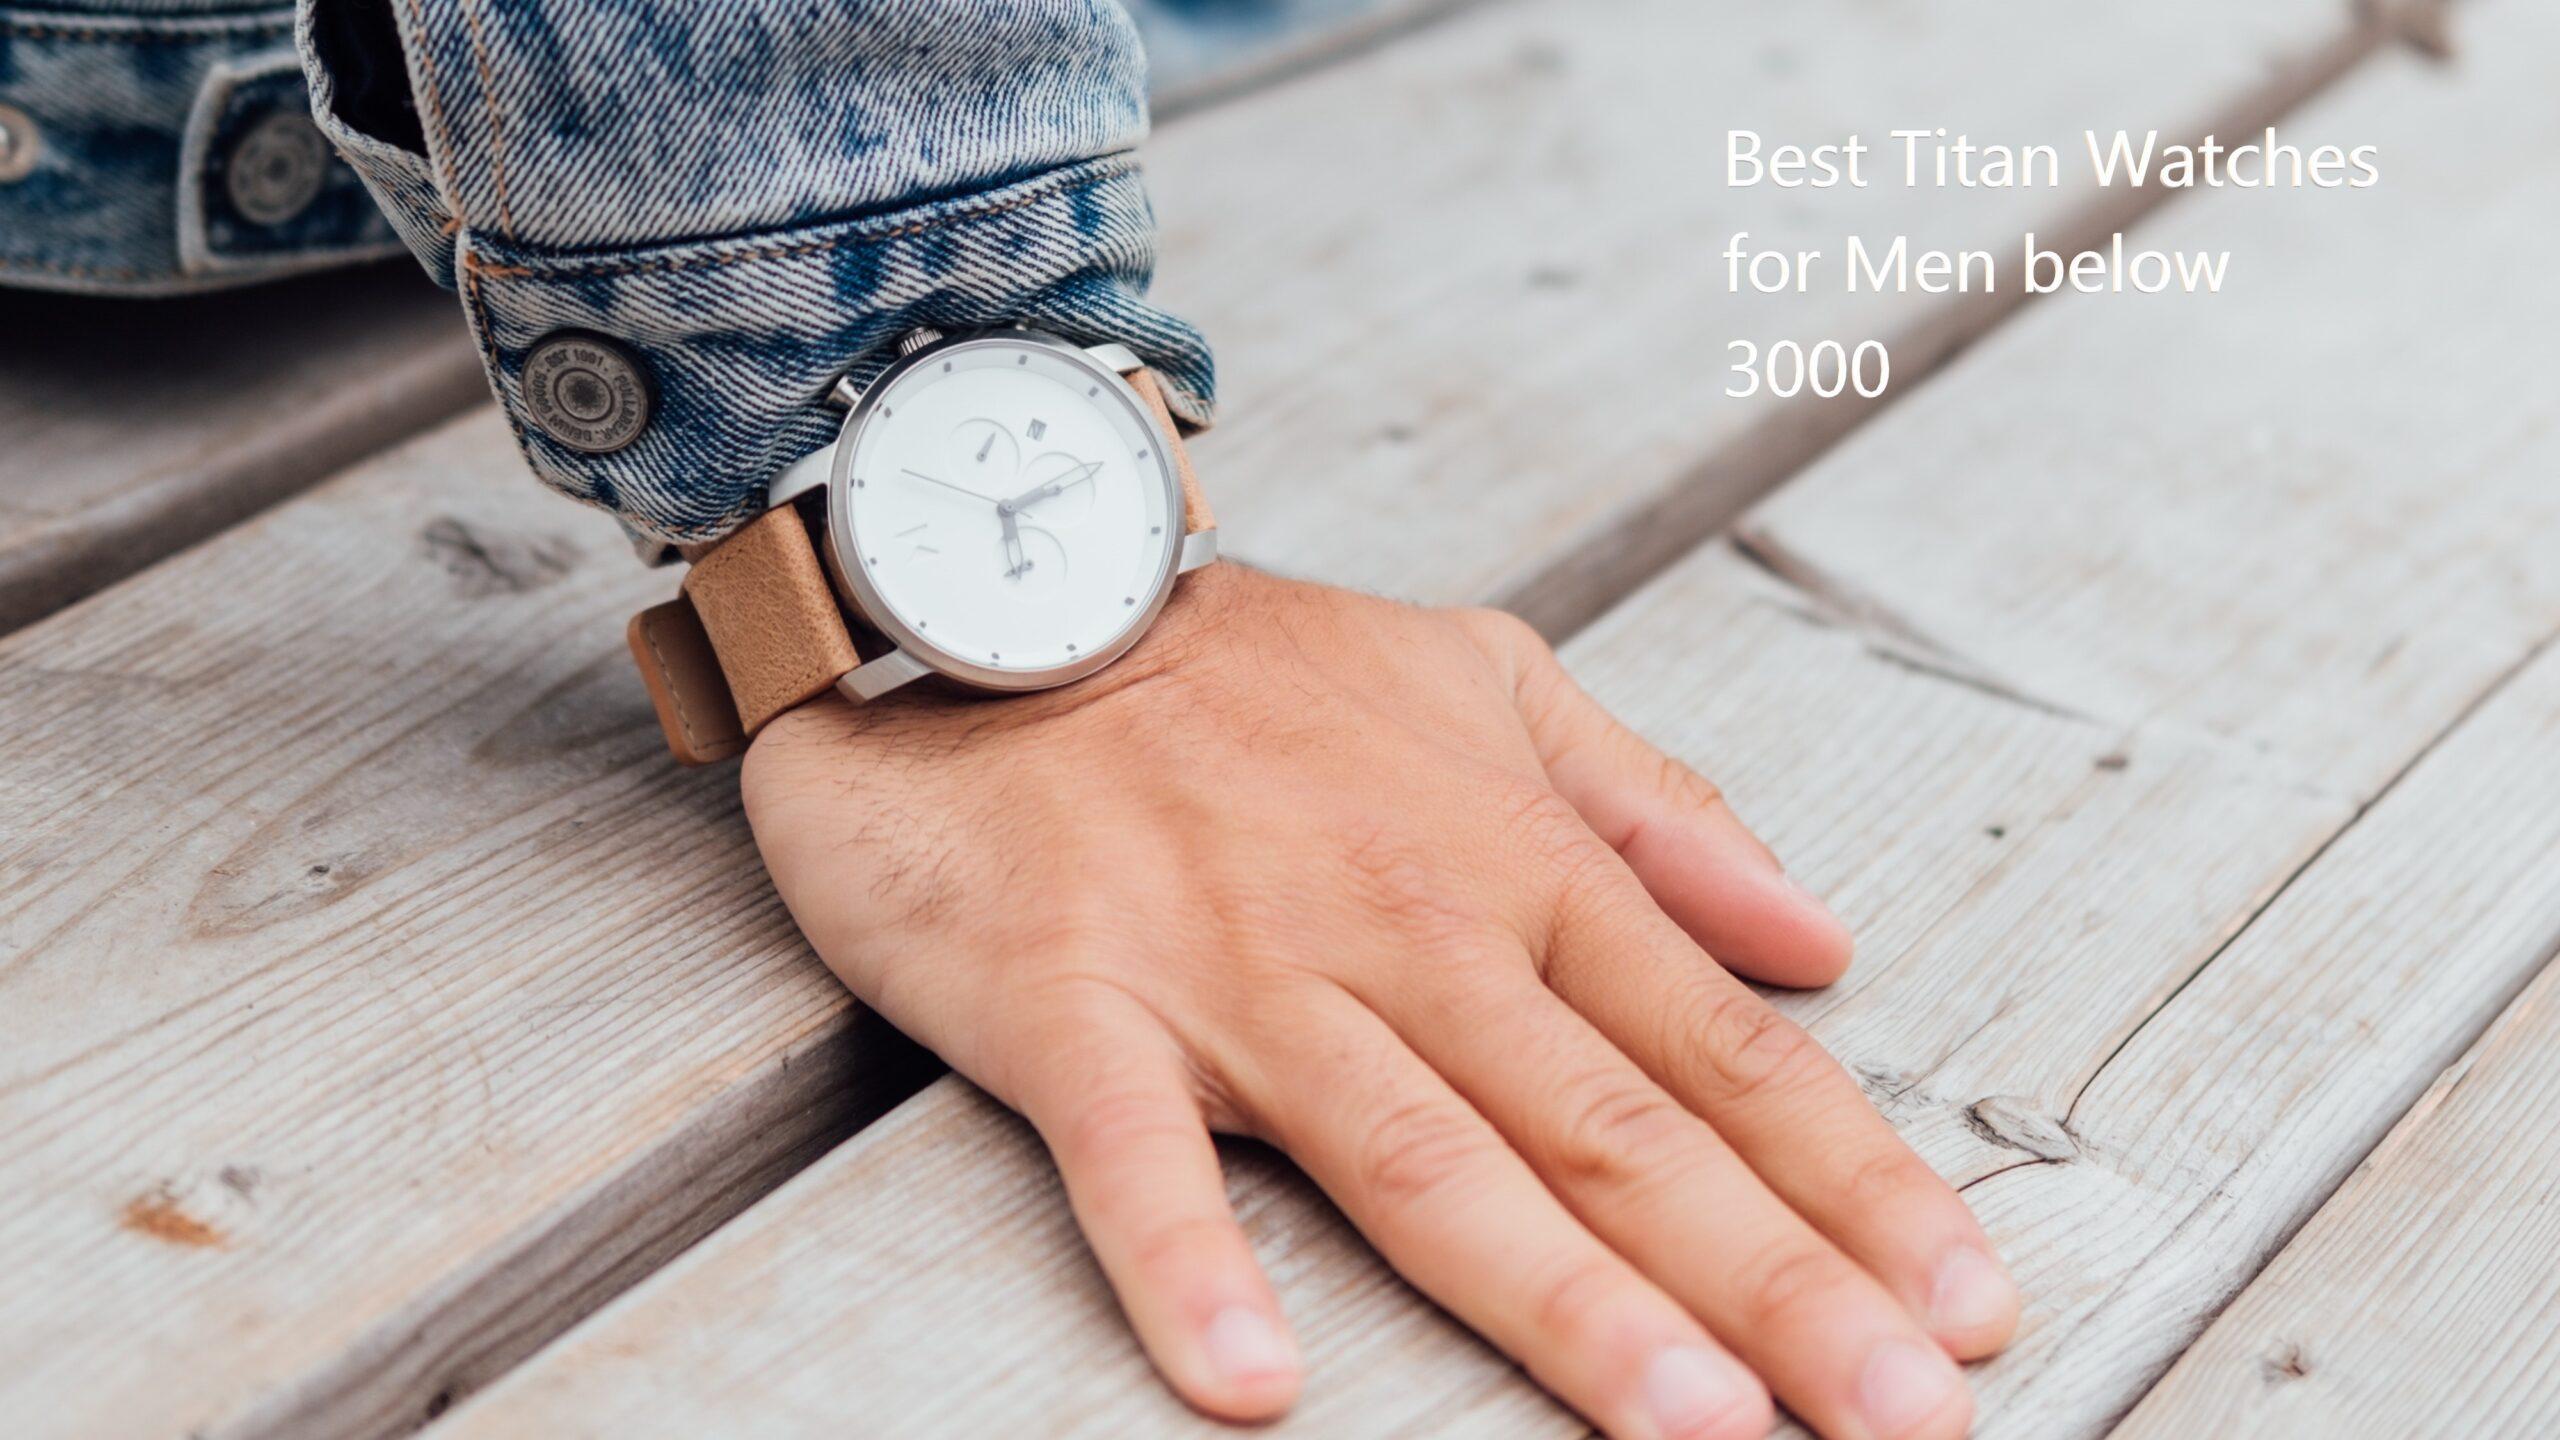 Best Titan Watches for Men below 3000